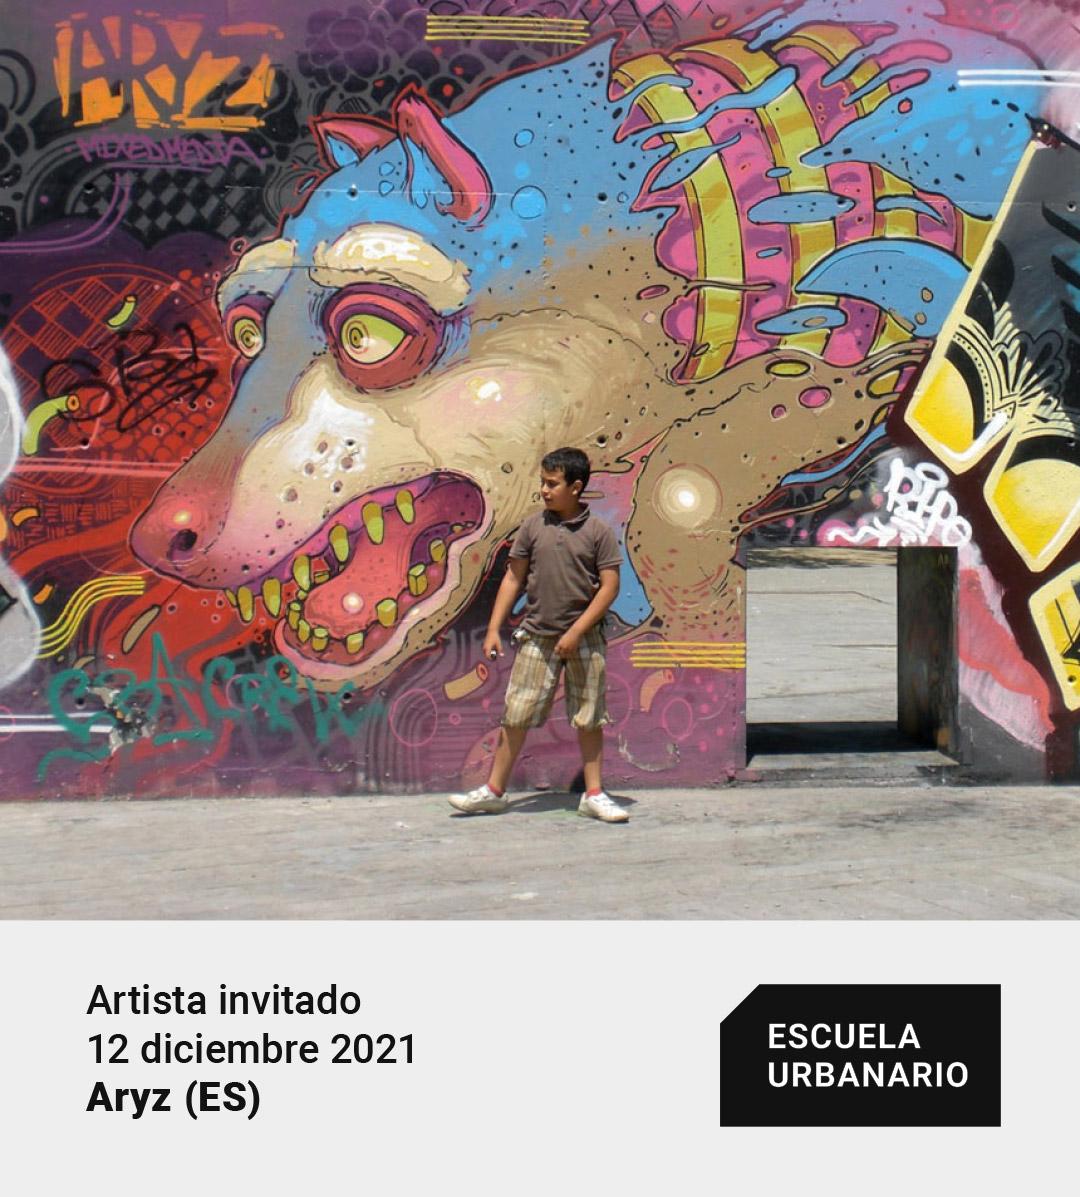 Aryz - Escuela Urbanario